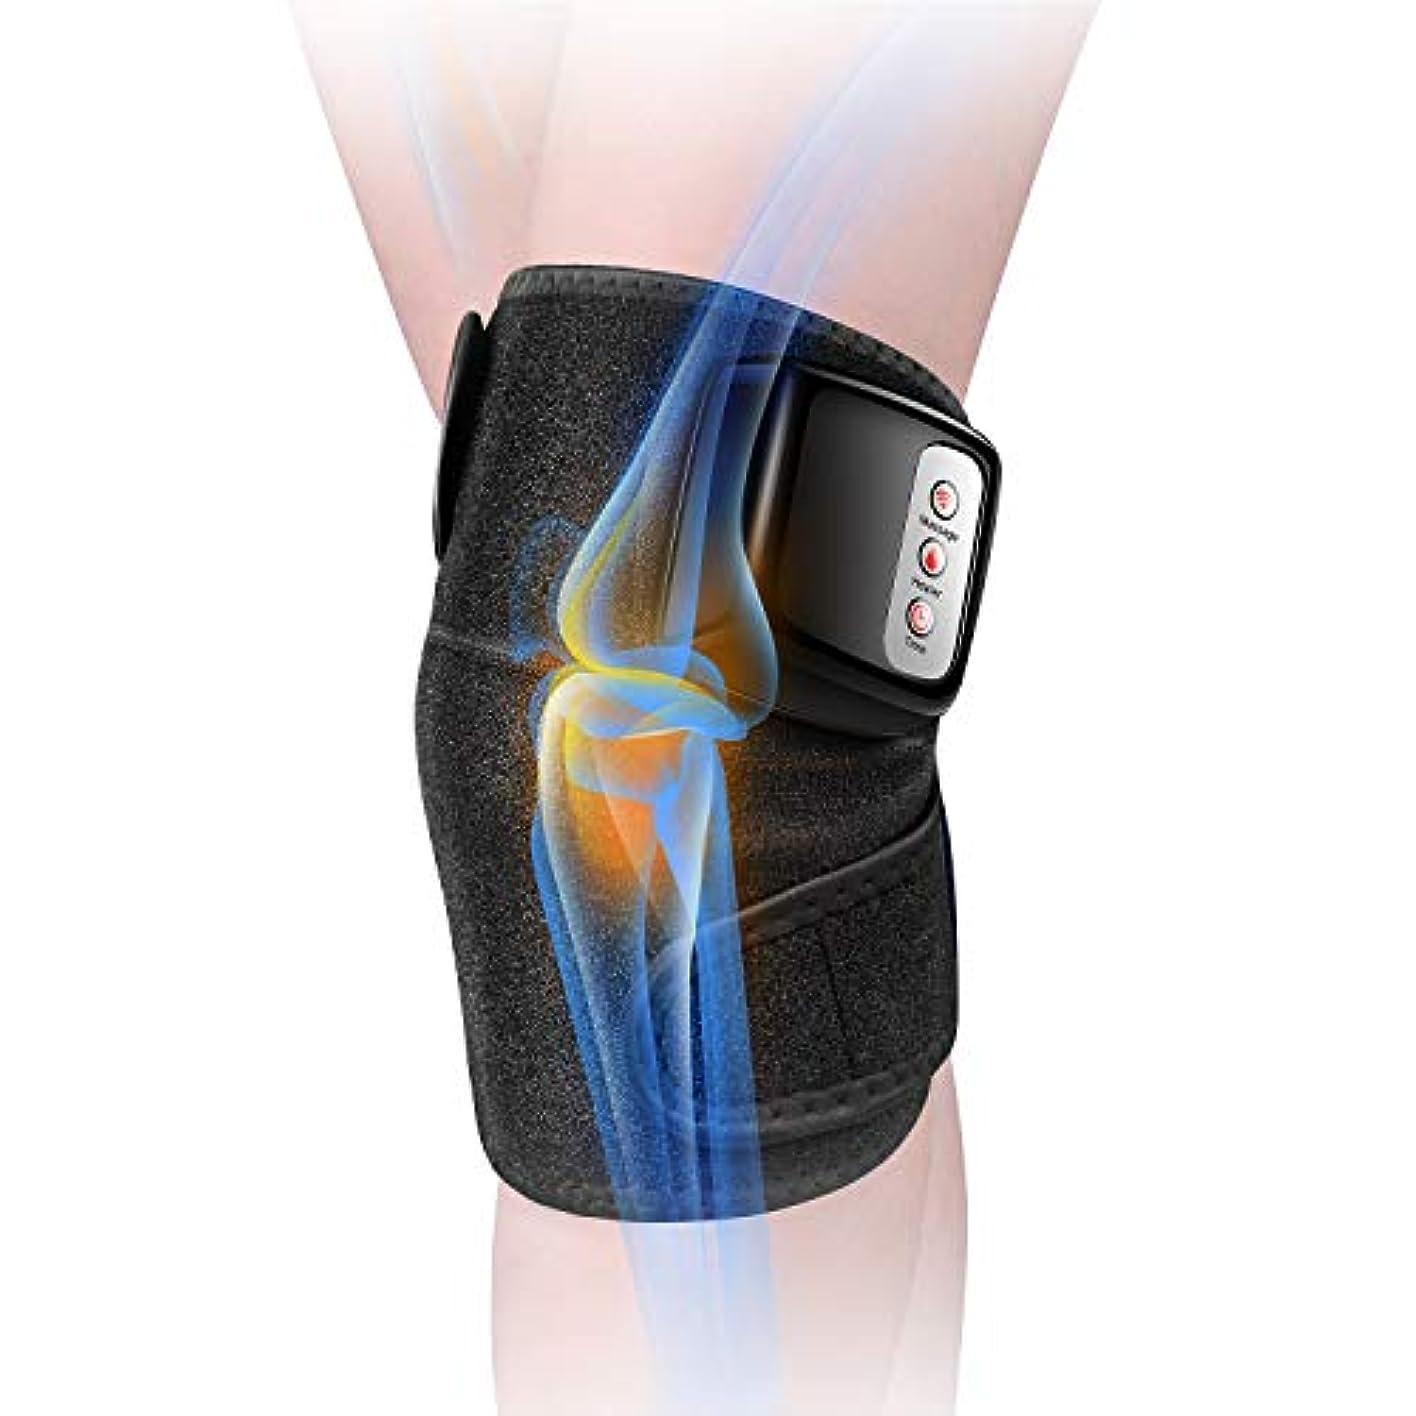 ドールどういたしましてブルーベル膝マッサージャー 関節マッサージャー マッサージ器 フットマッサージャー 振動 赤外線療法 温熱療法 膝サポーター ストレス解消 肩 太もも/腕対応